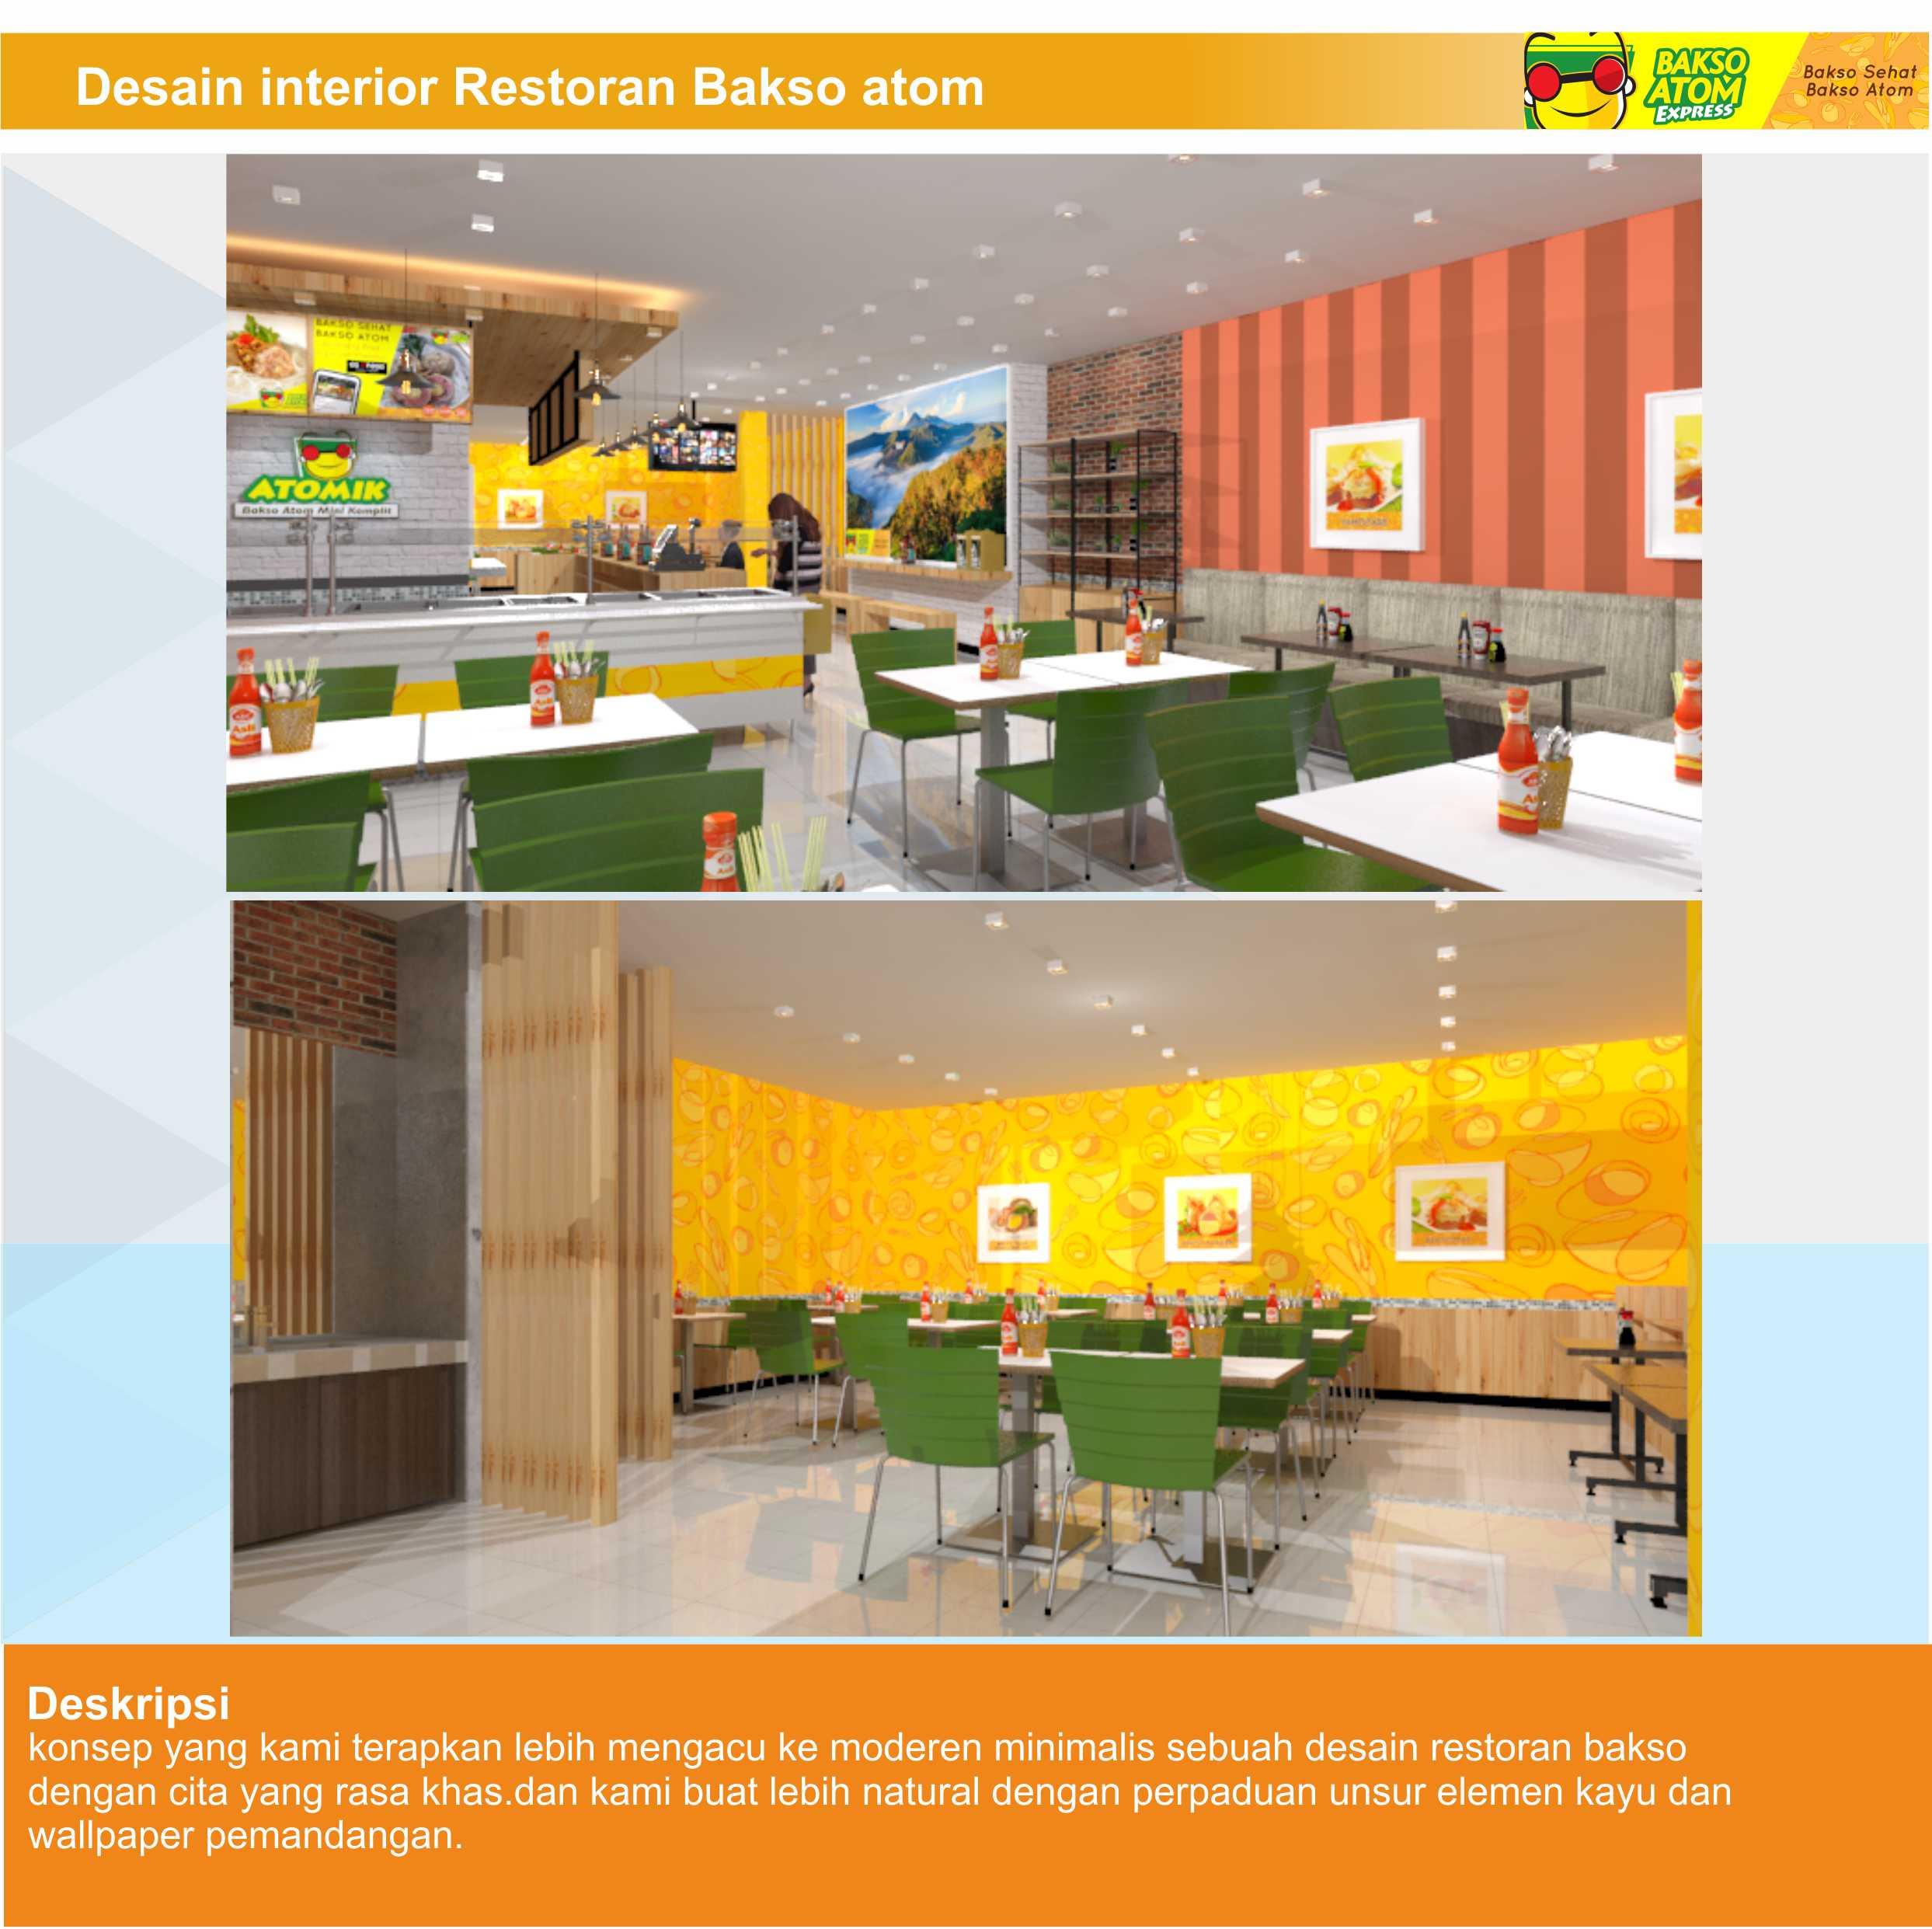 Desain Ruangan untuk Restoran Bakso Atomik Ambon